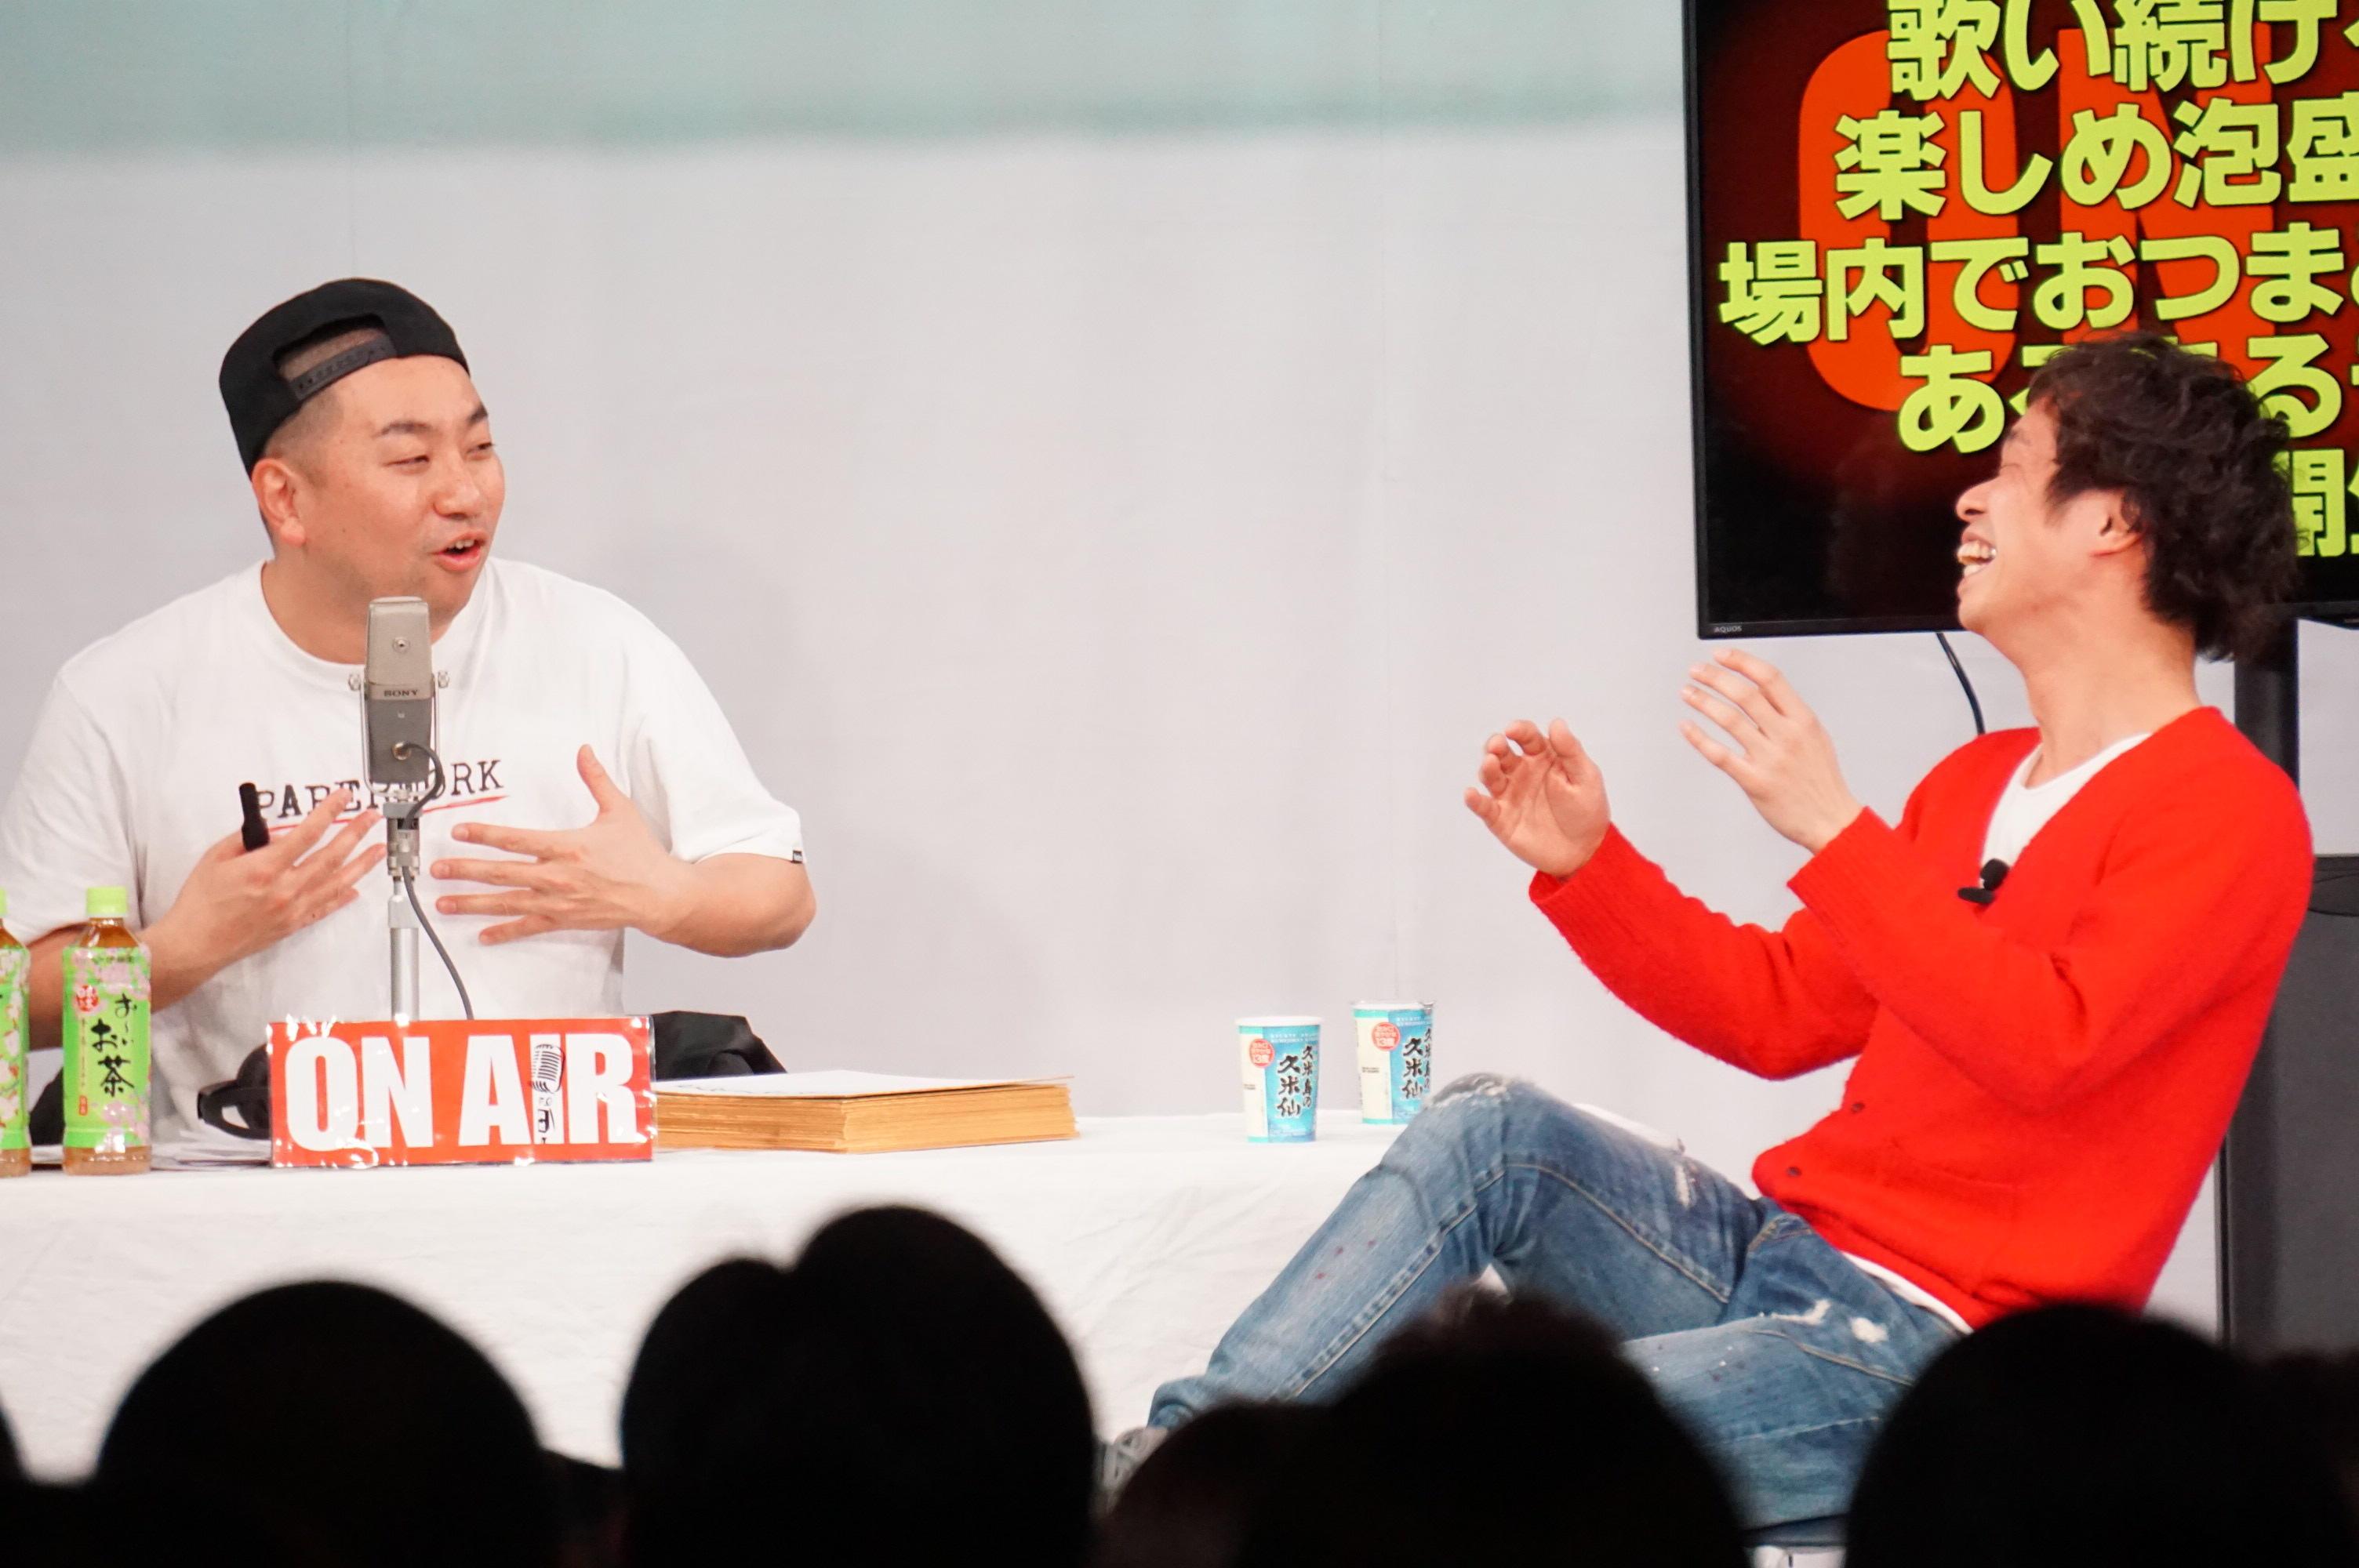 http://news.yoshimoto.co.jp/20160301170207-9a7988fa989c68c3c670ab6748def896a63828b8.jpg